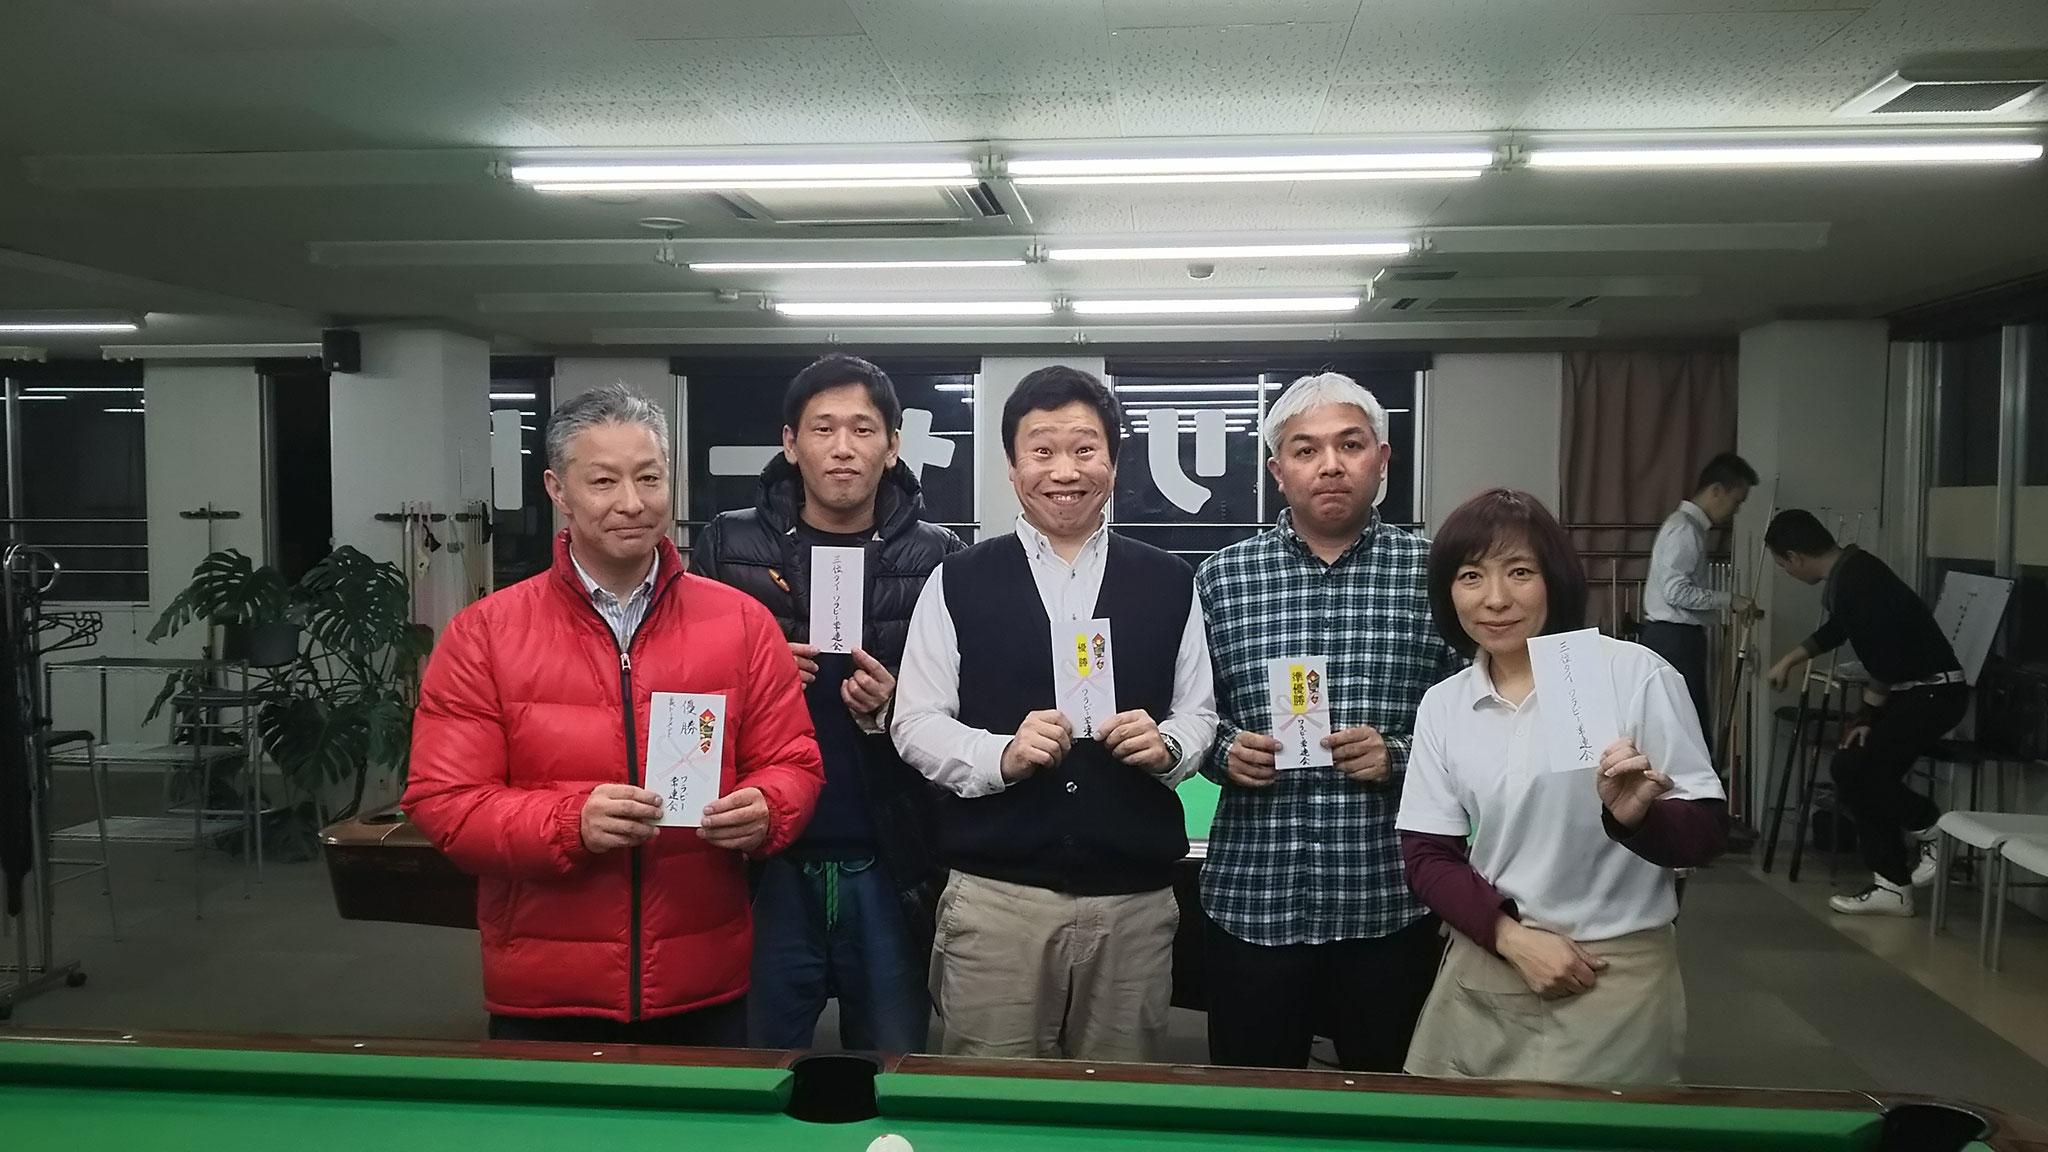 初出場の久川さん(いい顔!優勝)と横山さん(準優勝)、剛一朗と私、破れたり~。(泣)裏トーナメントも初出場の田中さんが優勝でした!